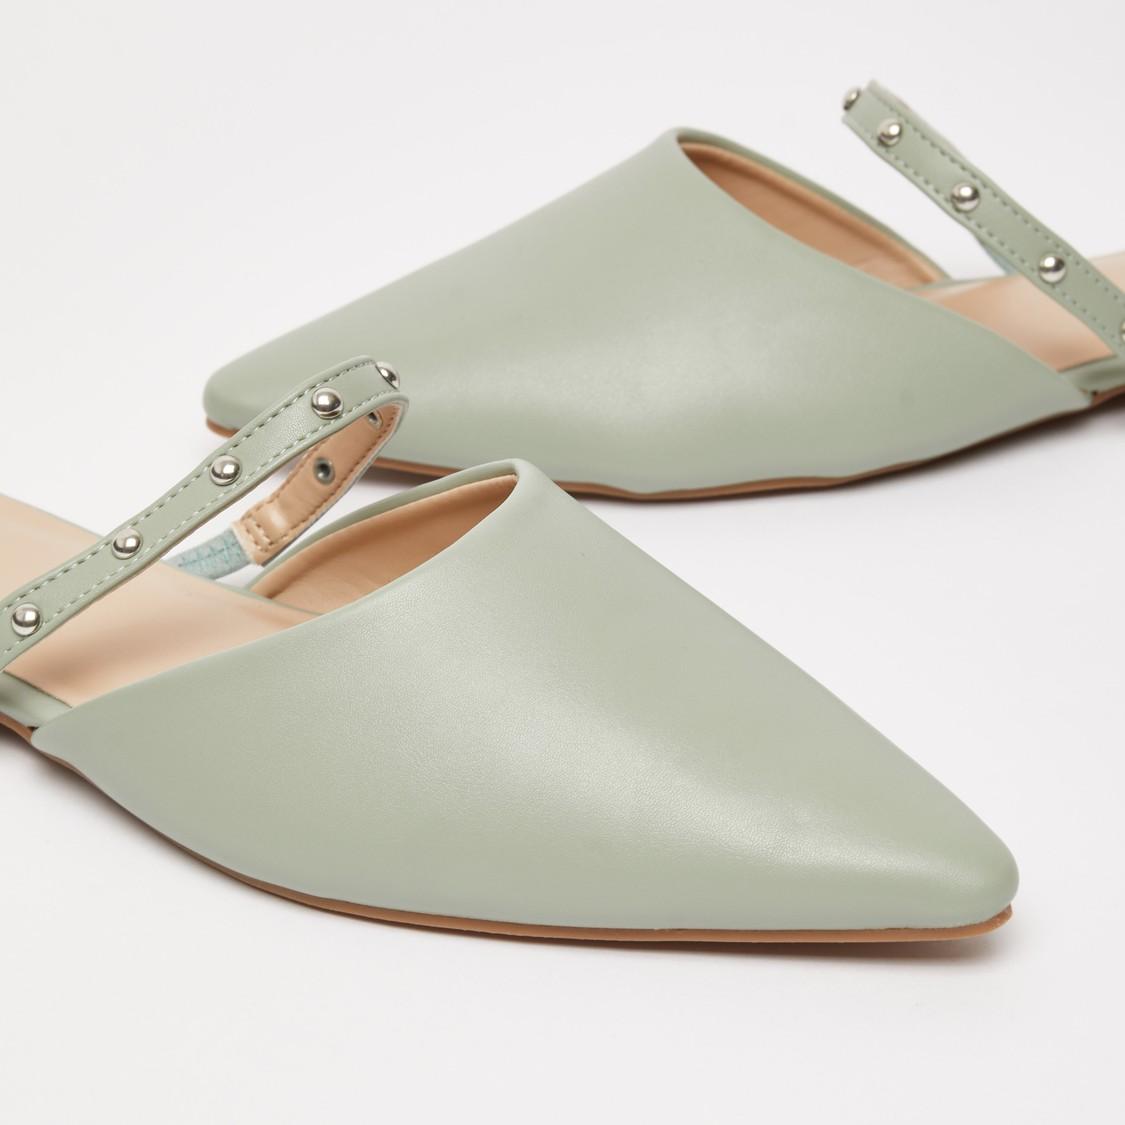 حذاء سهل الارتداء بتزيينات ومقدمة مدبّبة